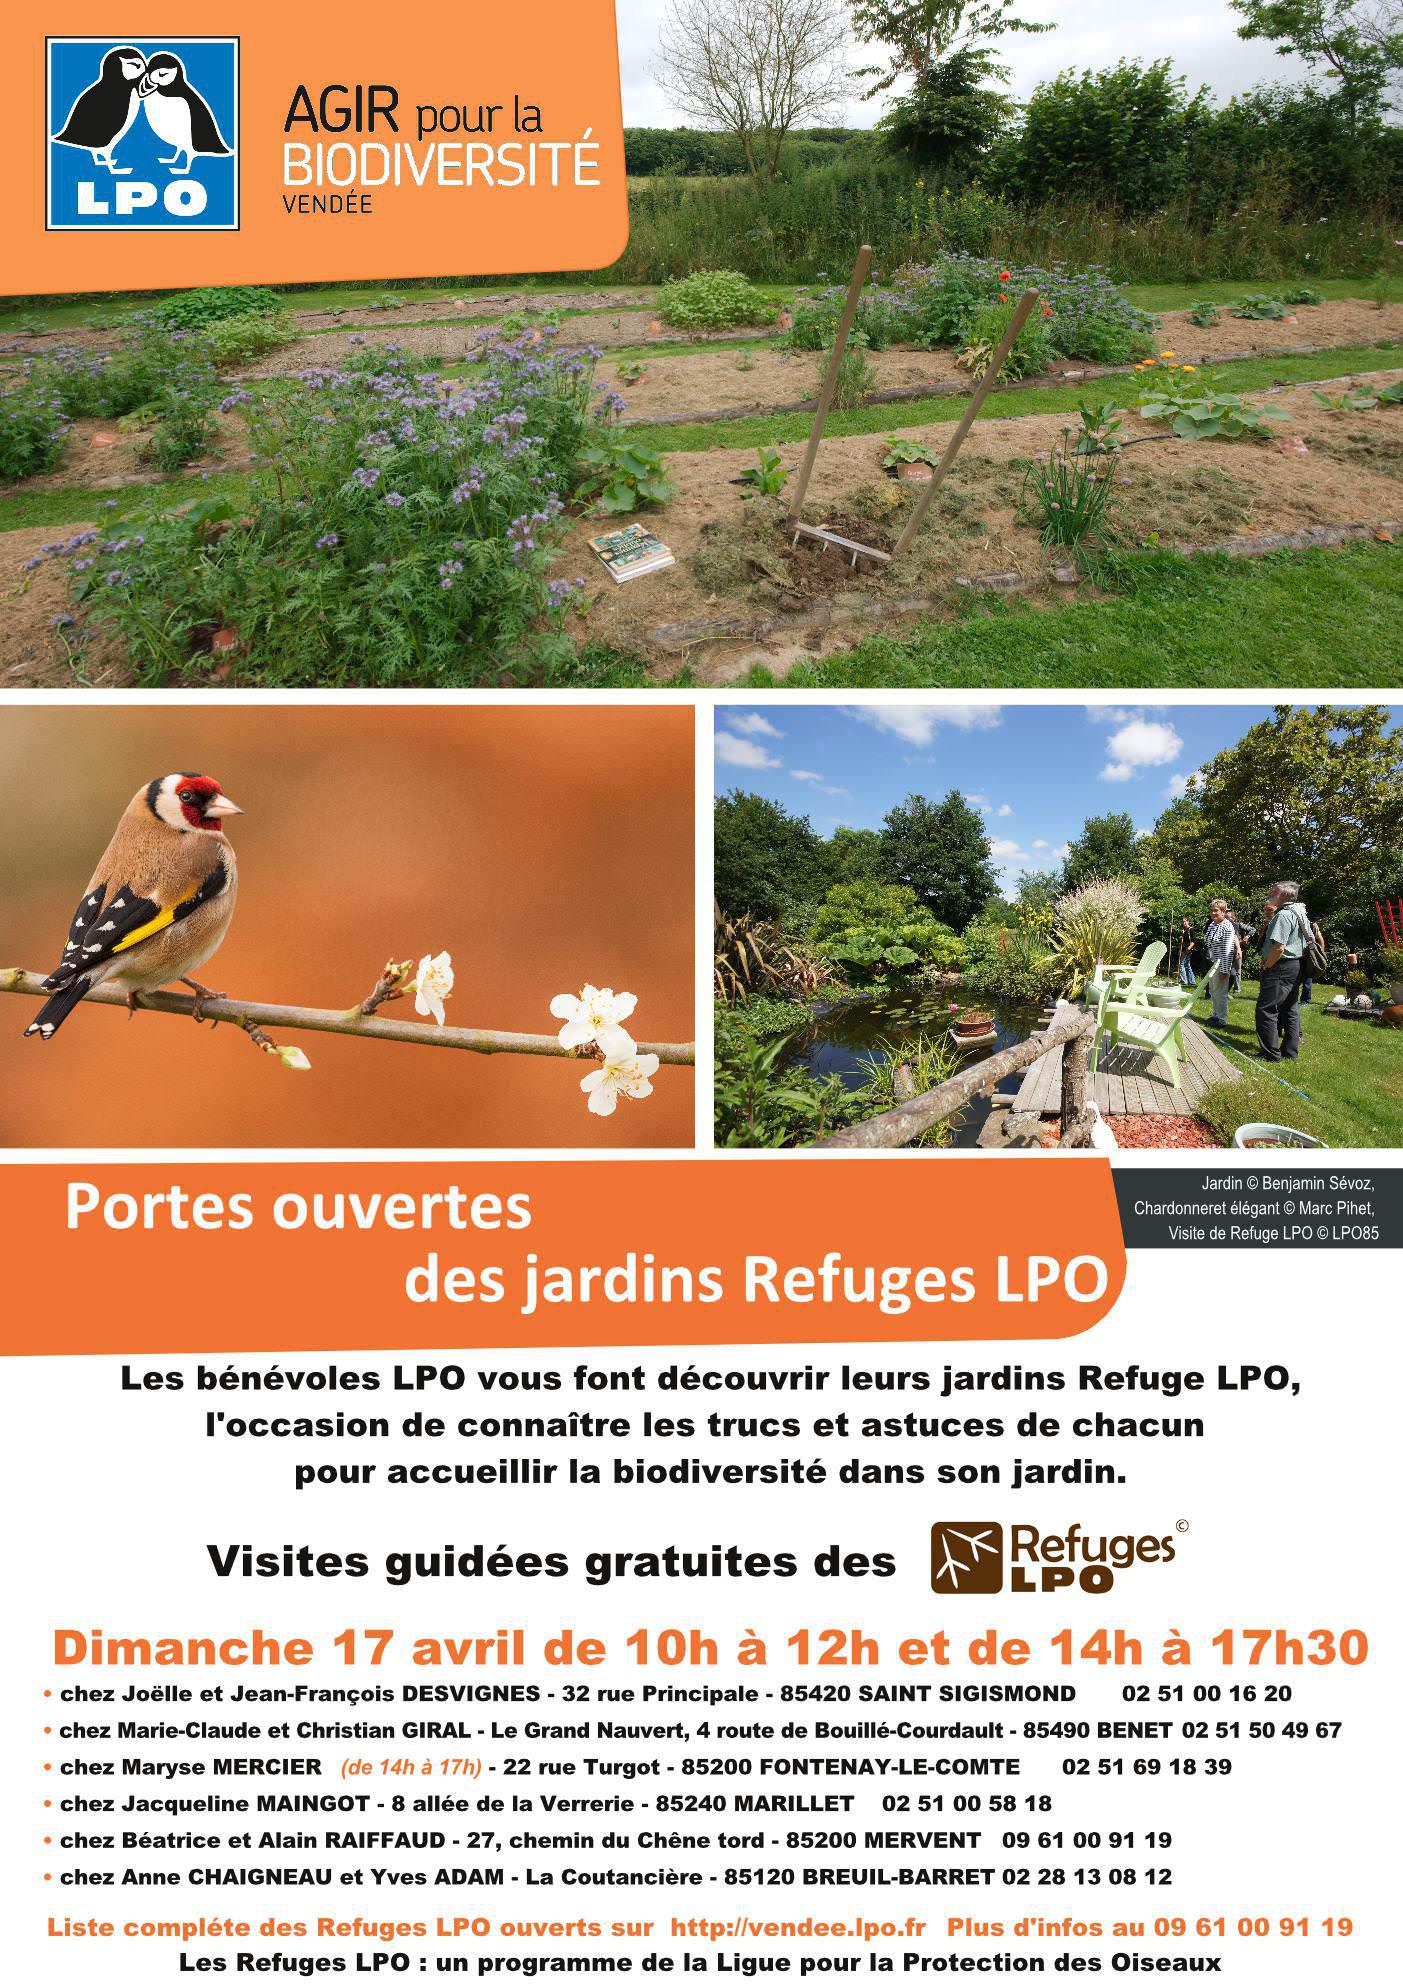 Portes ouvertes du jardin Refuge LPO de Marie-Claude et Christian